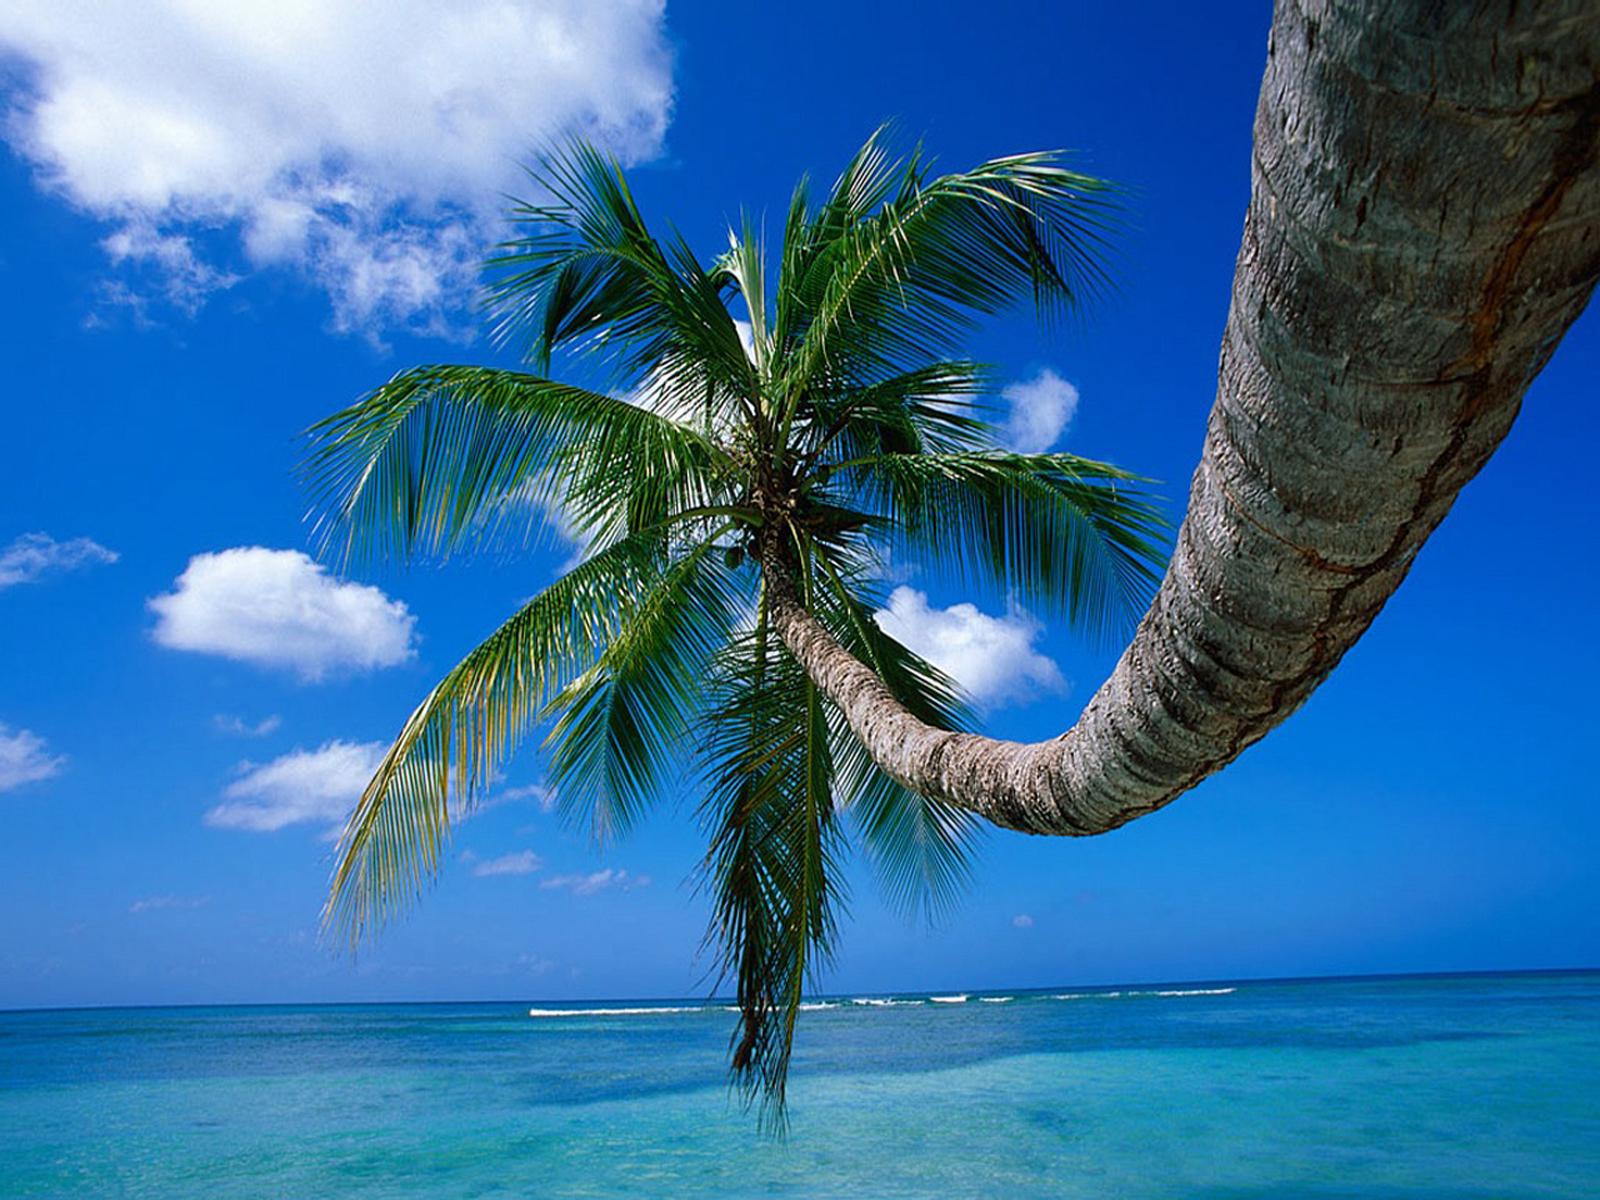 XP wallpaper Palm Tree 1600x1200